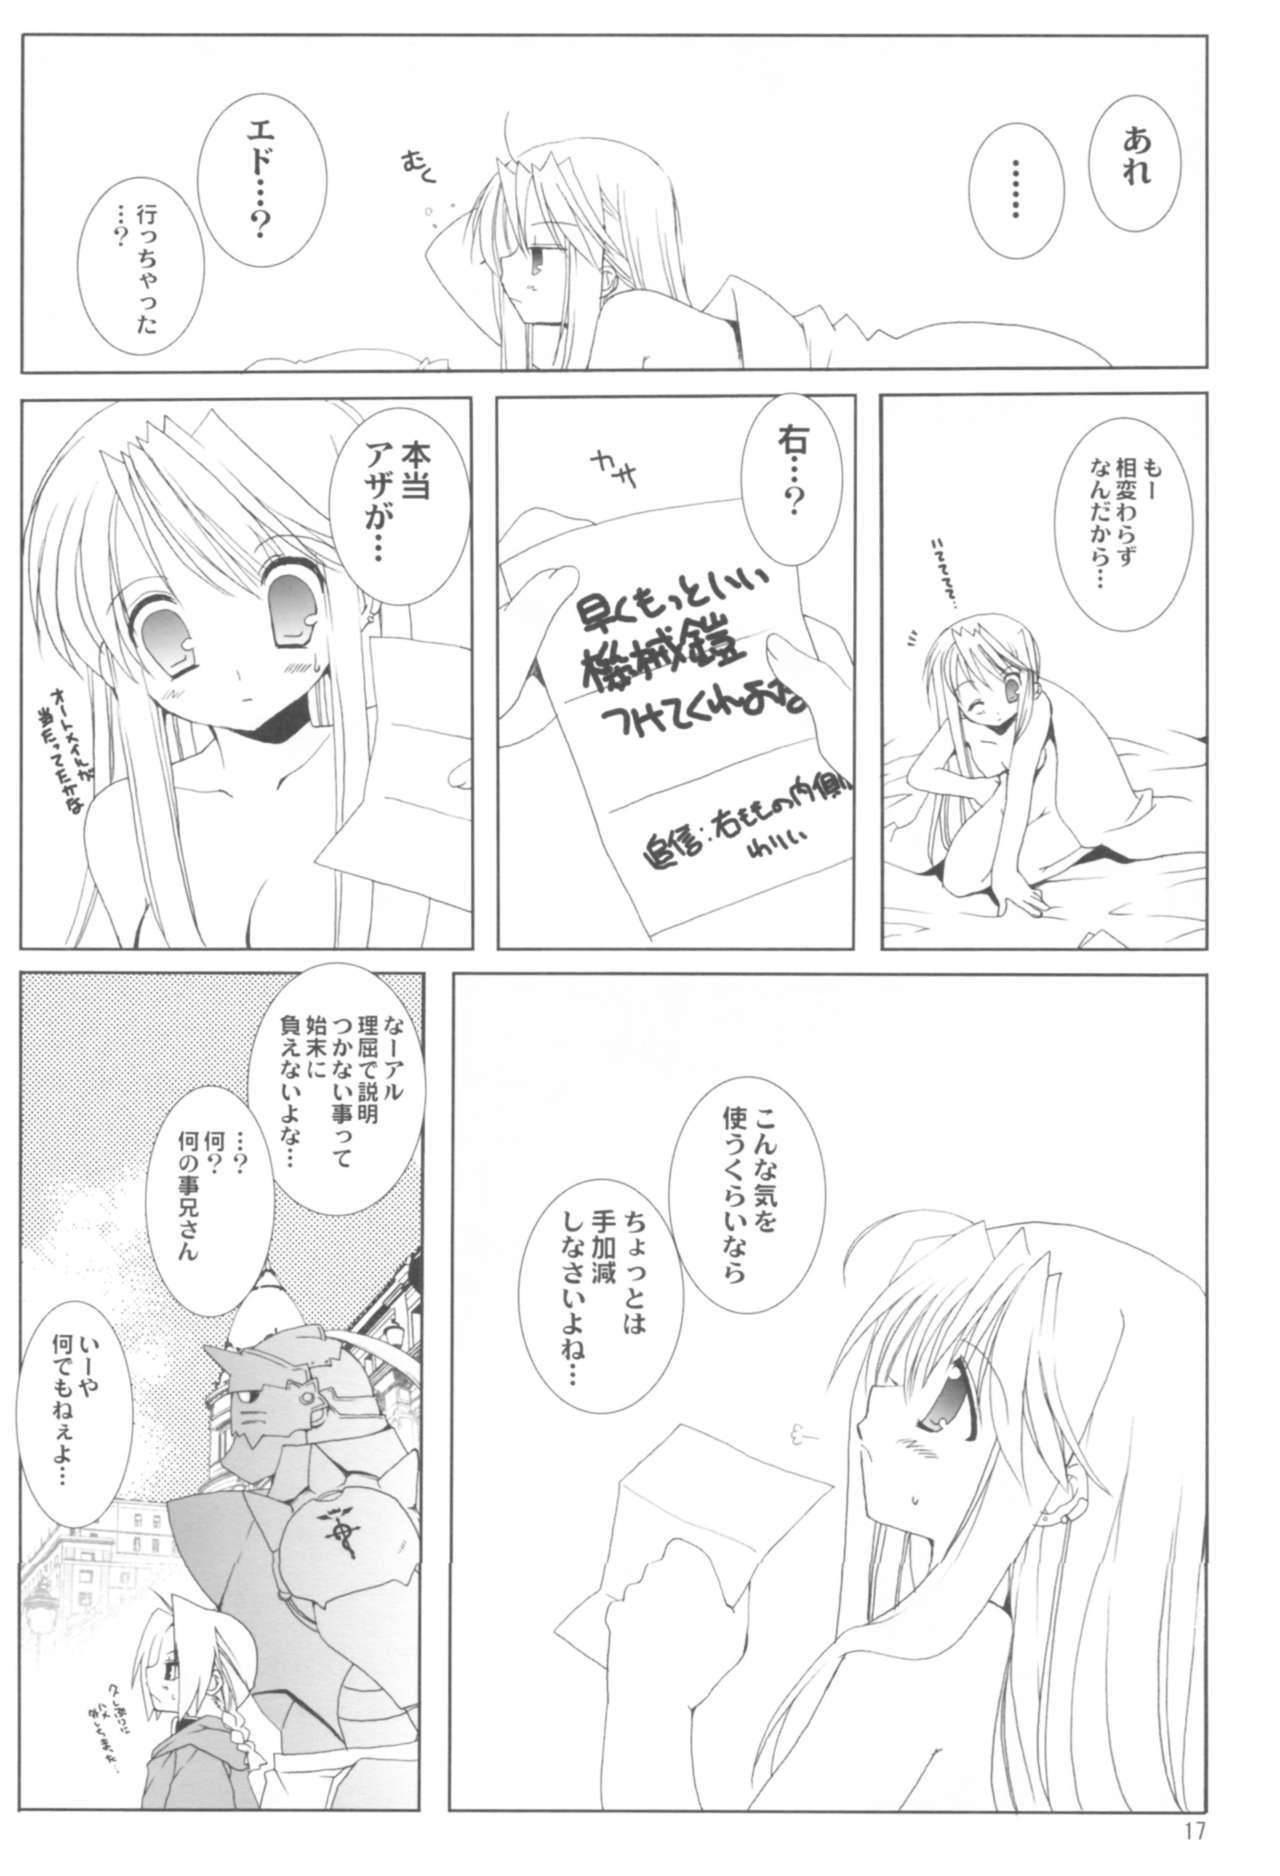 Naedoko Ikusei Kansatsu Kiroku 16